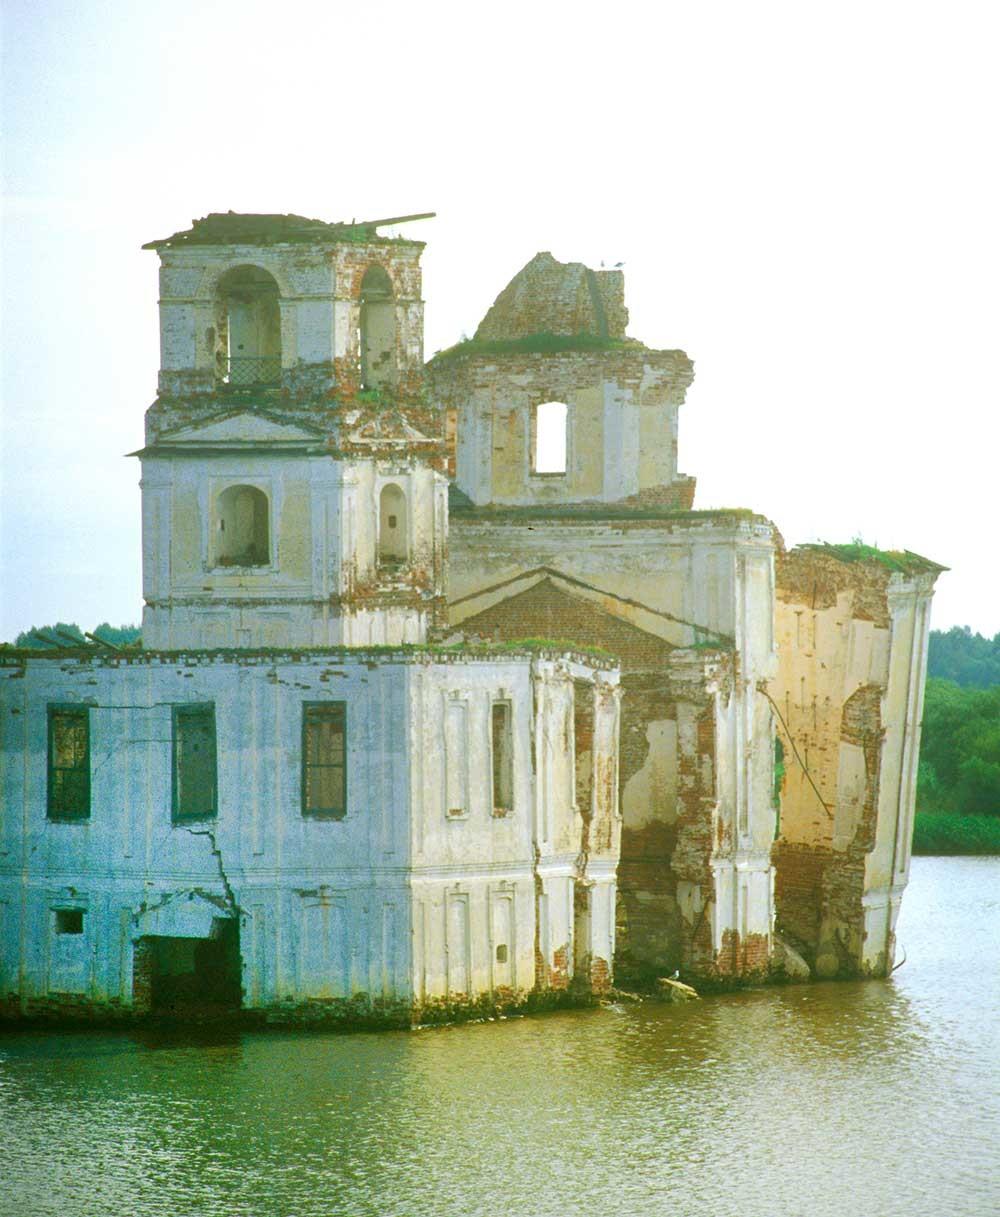 Krokhino. Chiesa della Natività di Cristo, vista sud-ovest dal fiume Sheksna. 14 luglio 2007